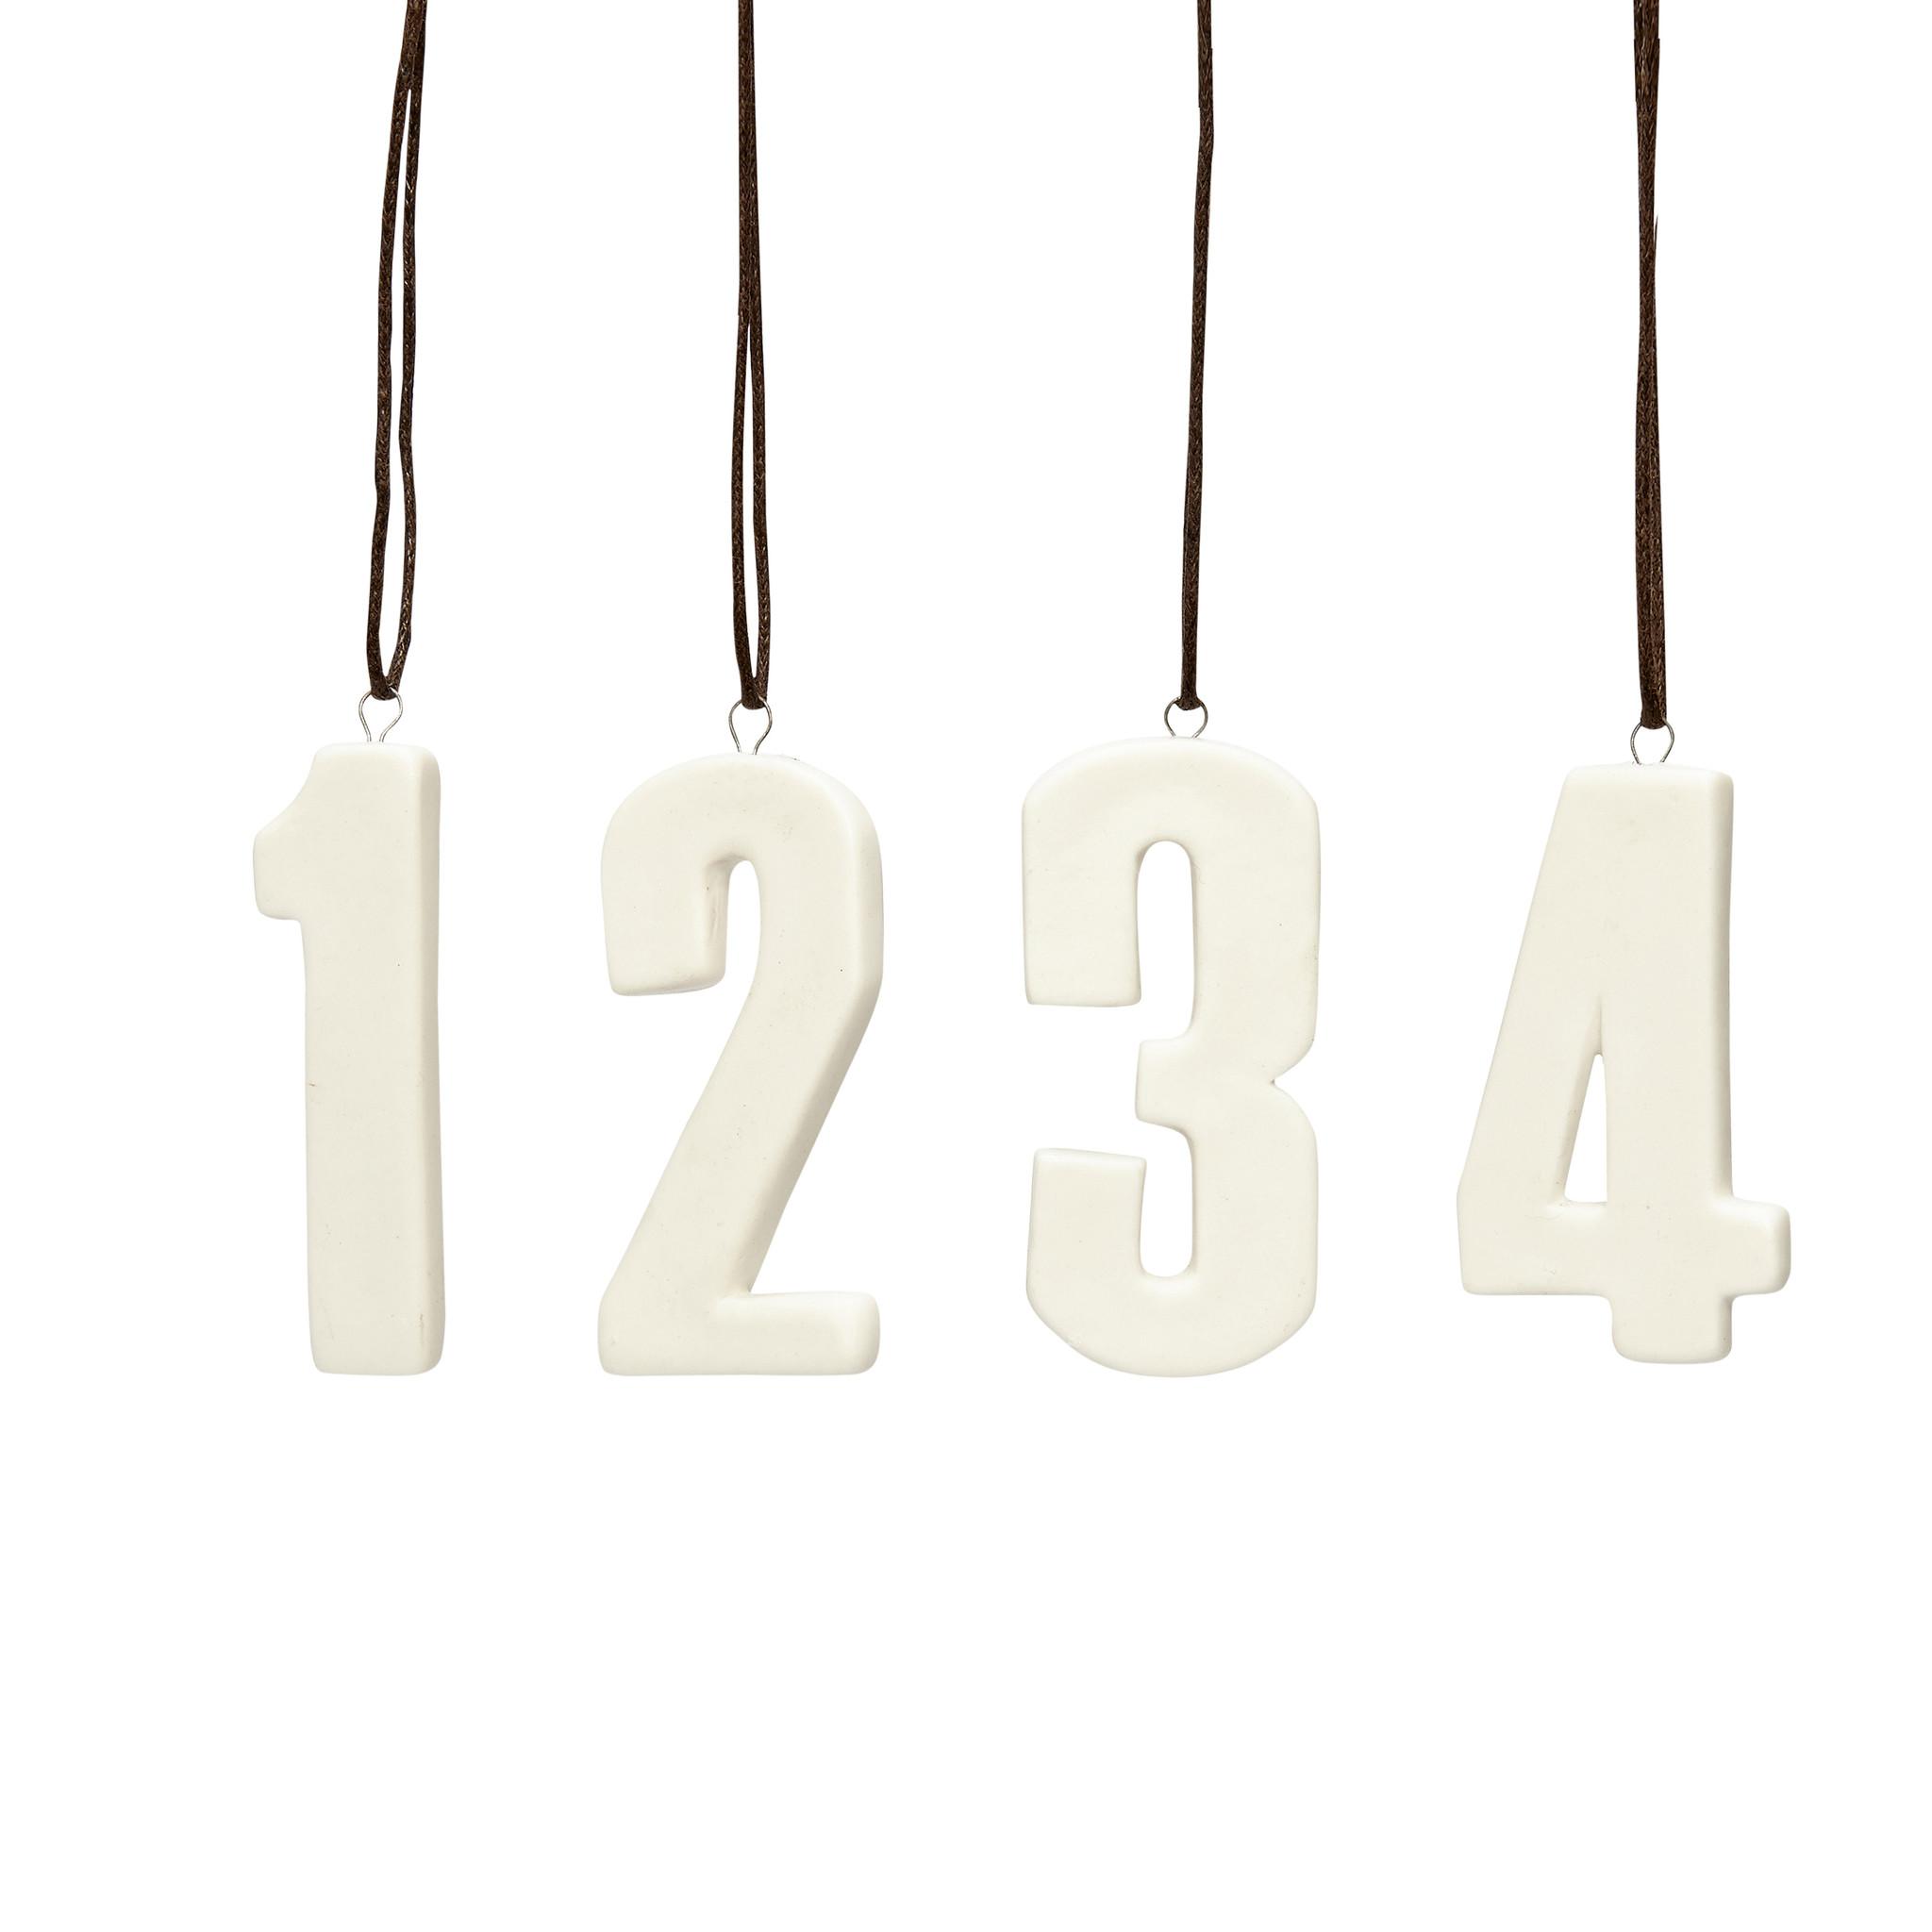 """Hubsch Nummers """"1,2,3,4"""", keramiek, wit, wit lint, set van 4-258041-5712772054628"""